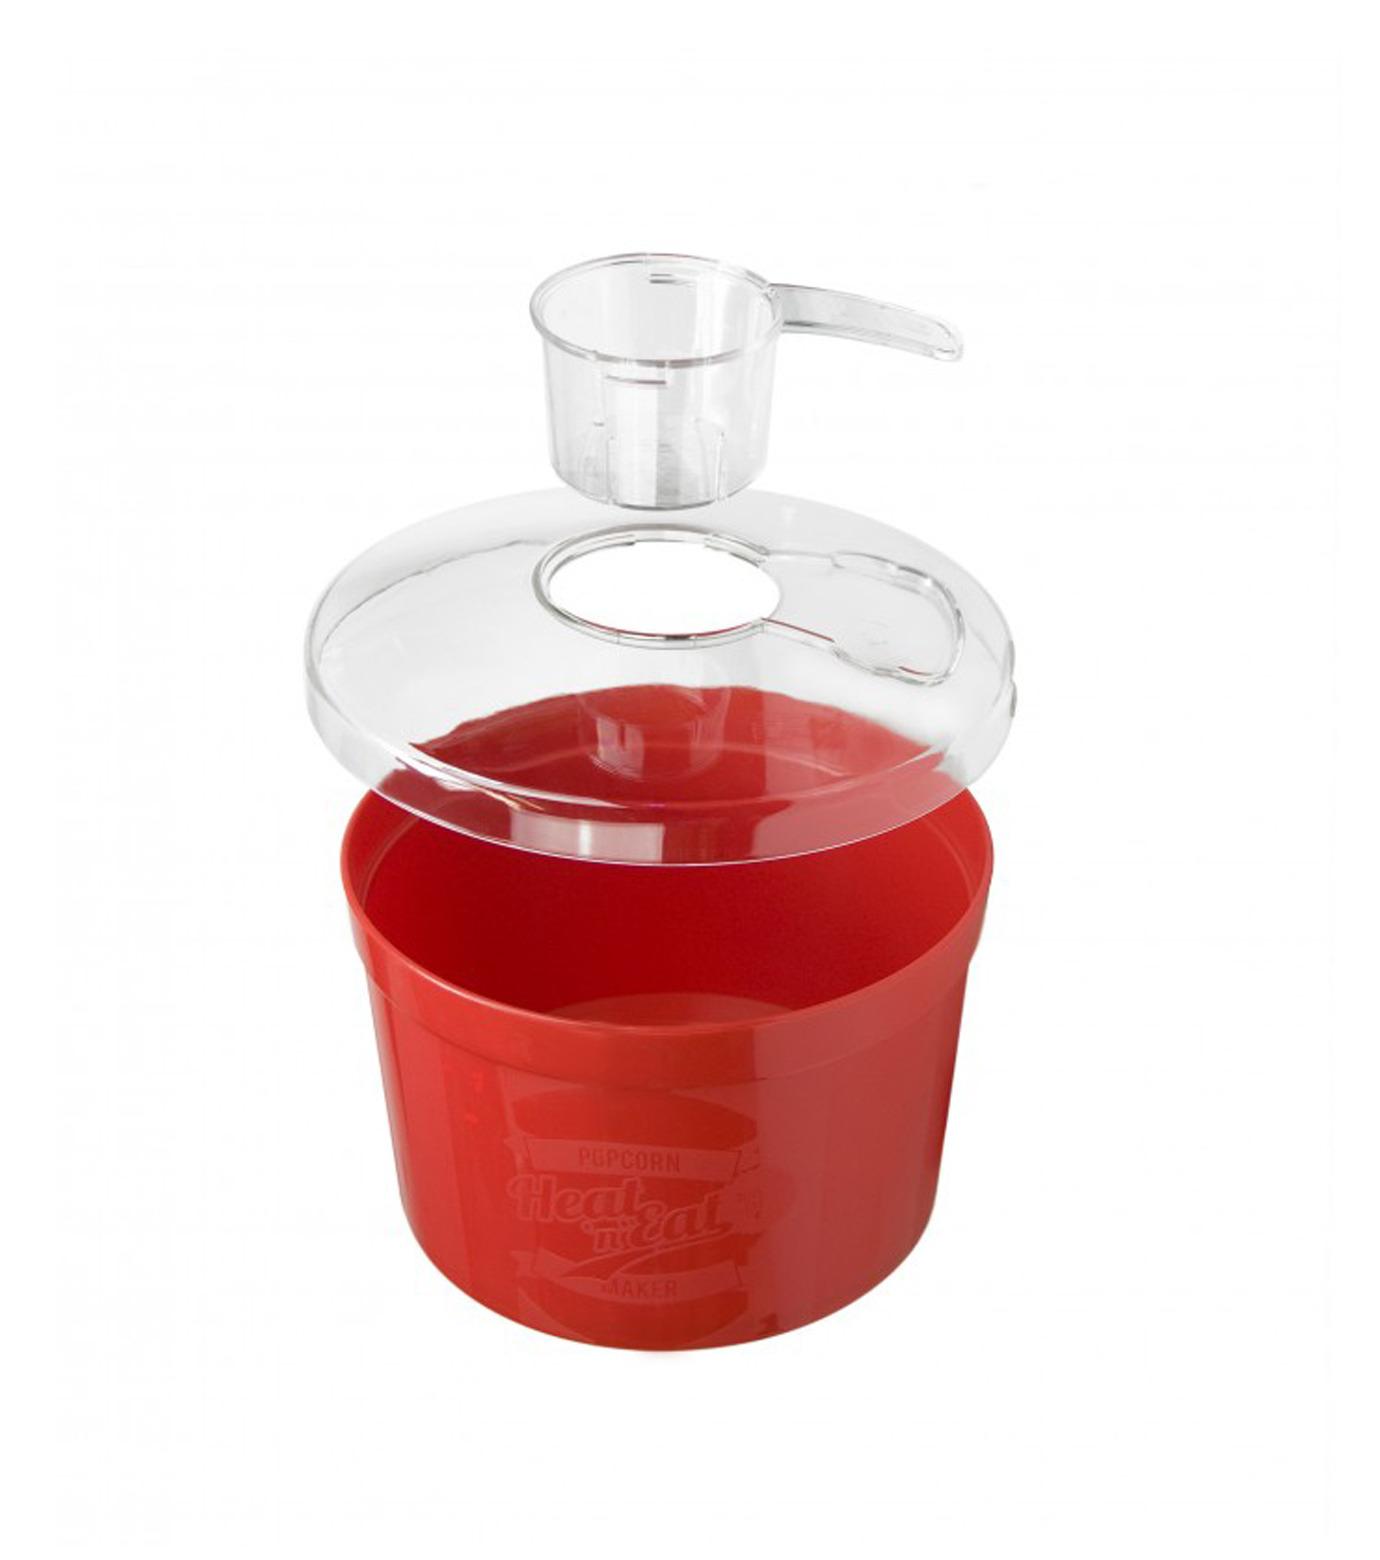 Mustard(マスタード)のHeat 'n' Eat-RED(キッチン/kitchen)-M13017-62 拡大詳細画像1